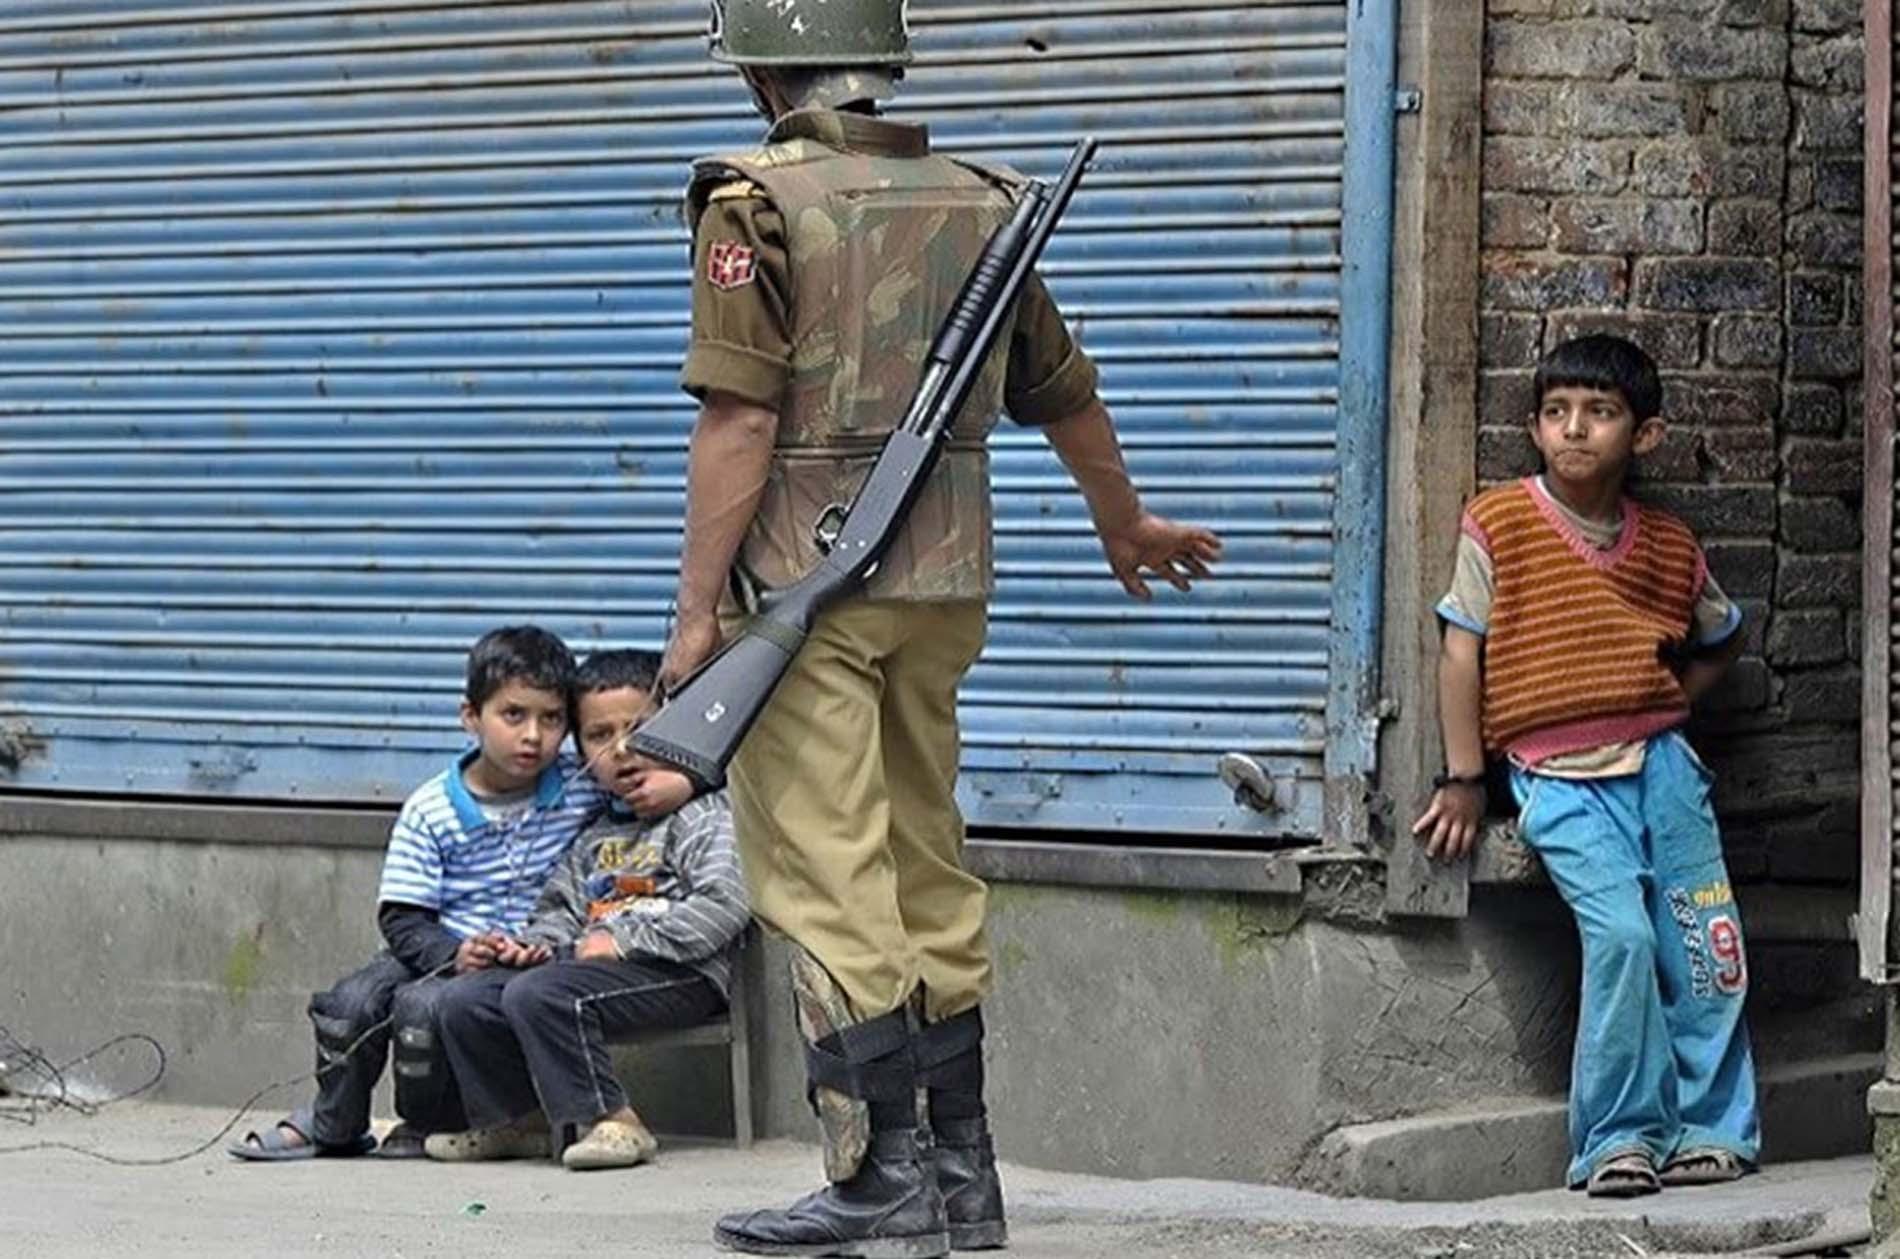 कश्मीर – ब्रेड खरीदने निकले 9 साल के बच्चे की पिटाई के बाद हिरासत : The Telegraph.